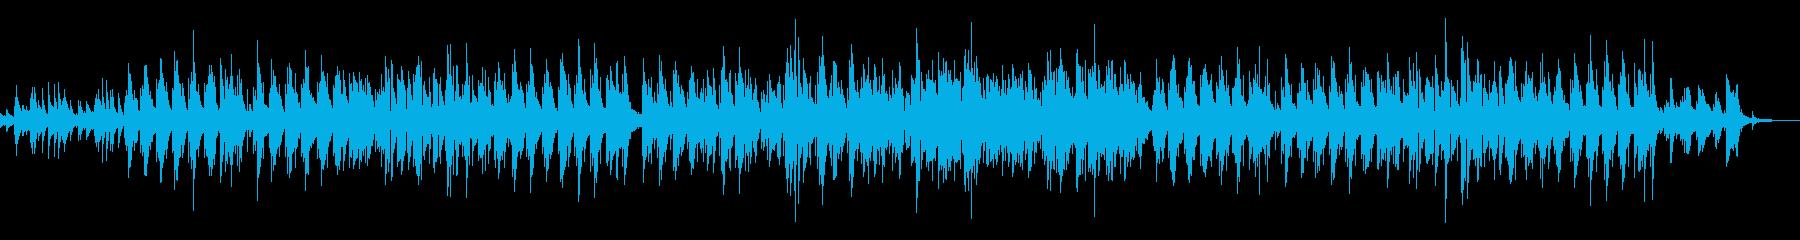 ほのぼの系のフュージョンの再生済みの波形